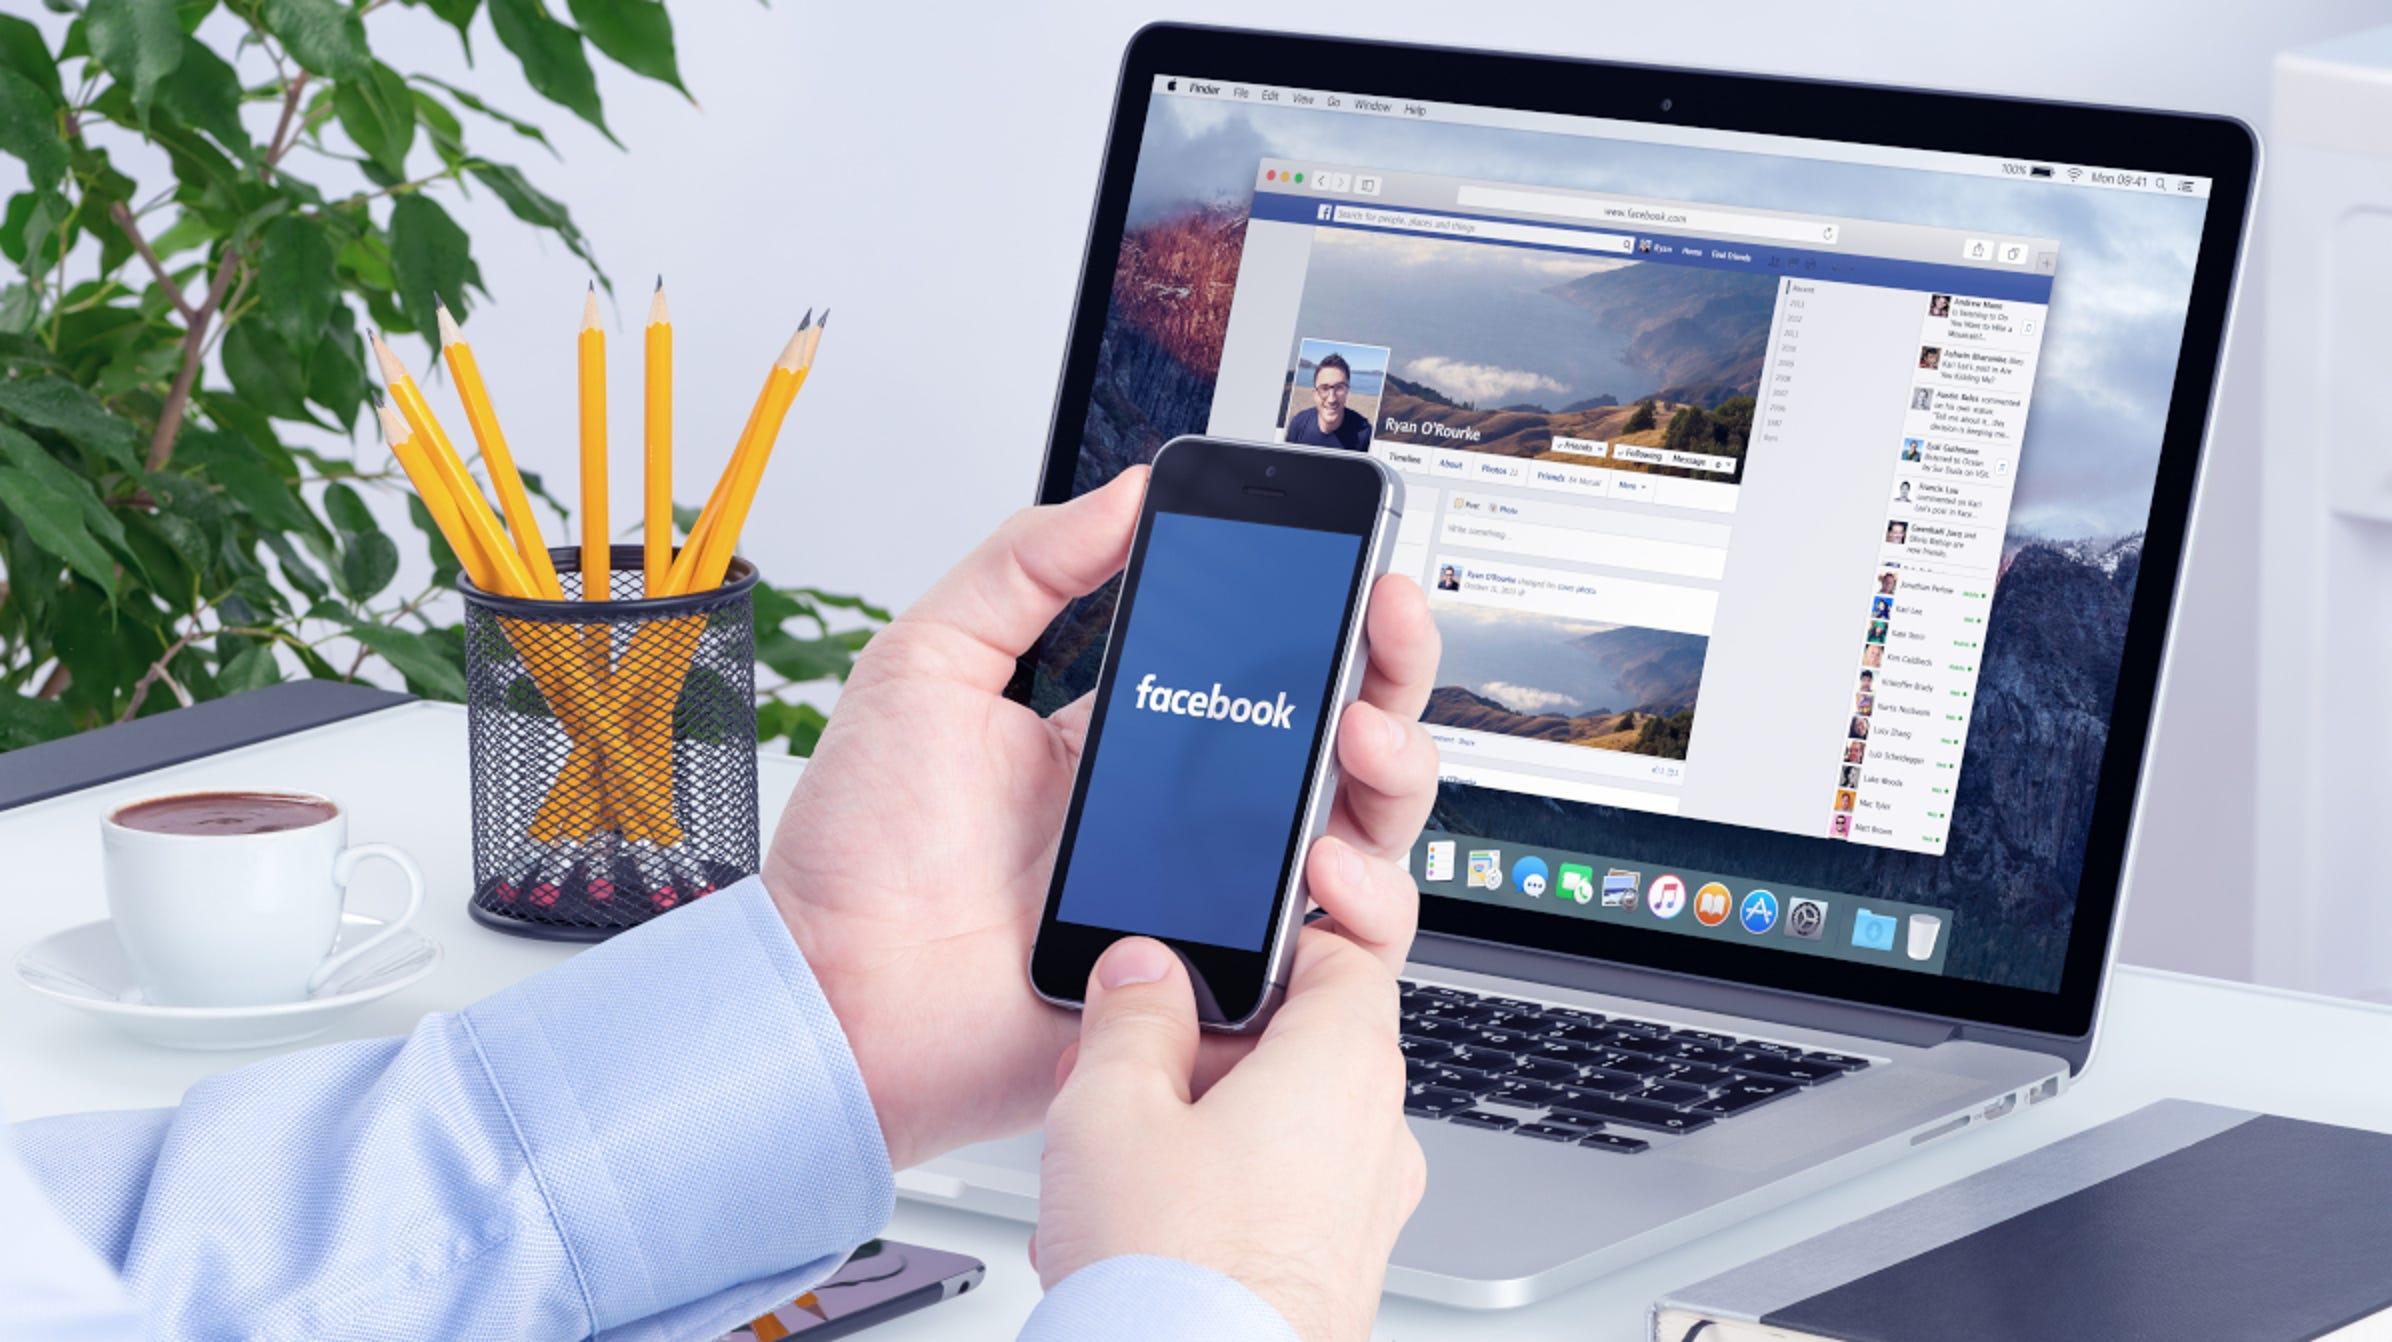 Cómo archivar publicaciones de Facebook (sin eliminarlas)